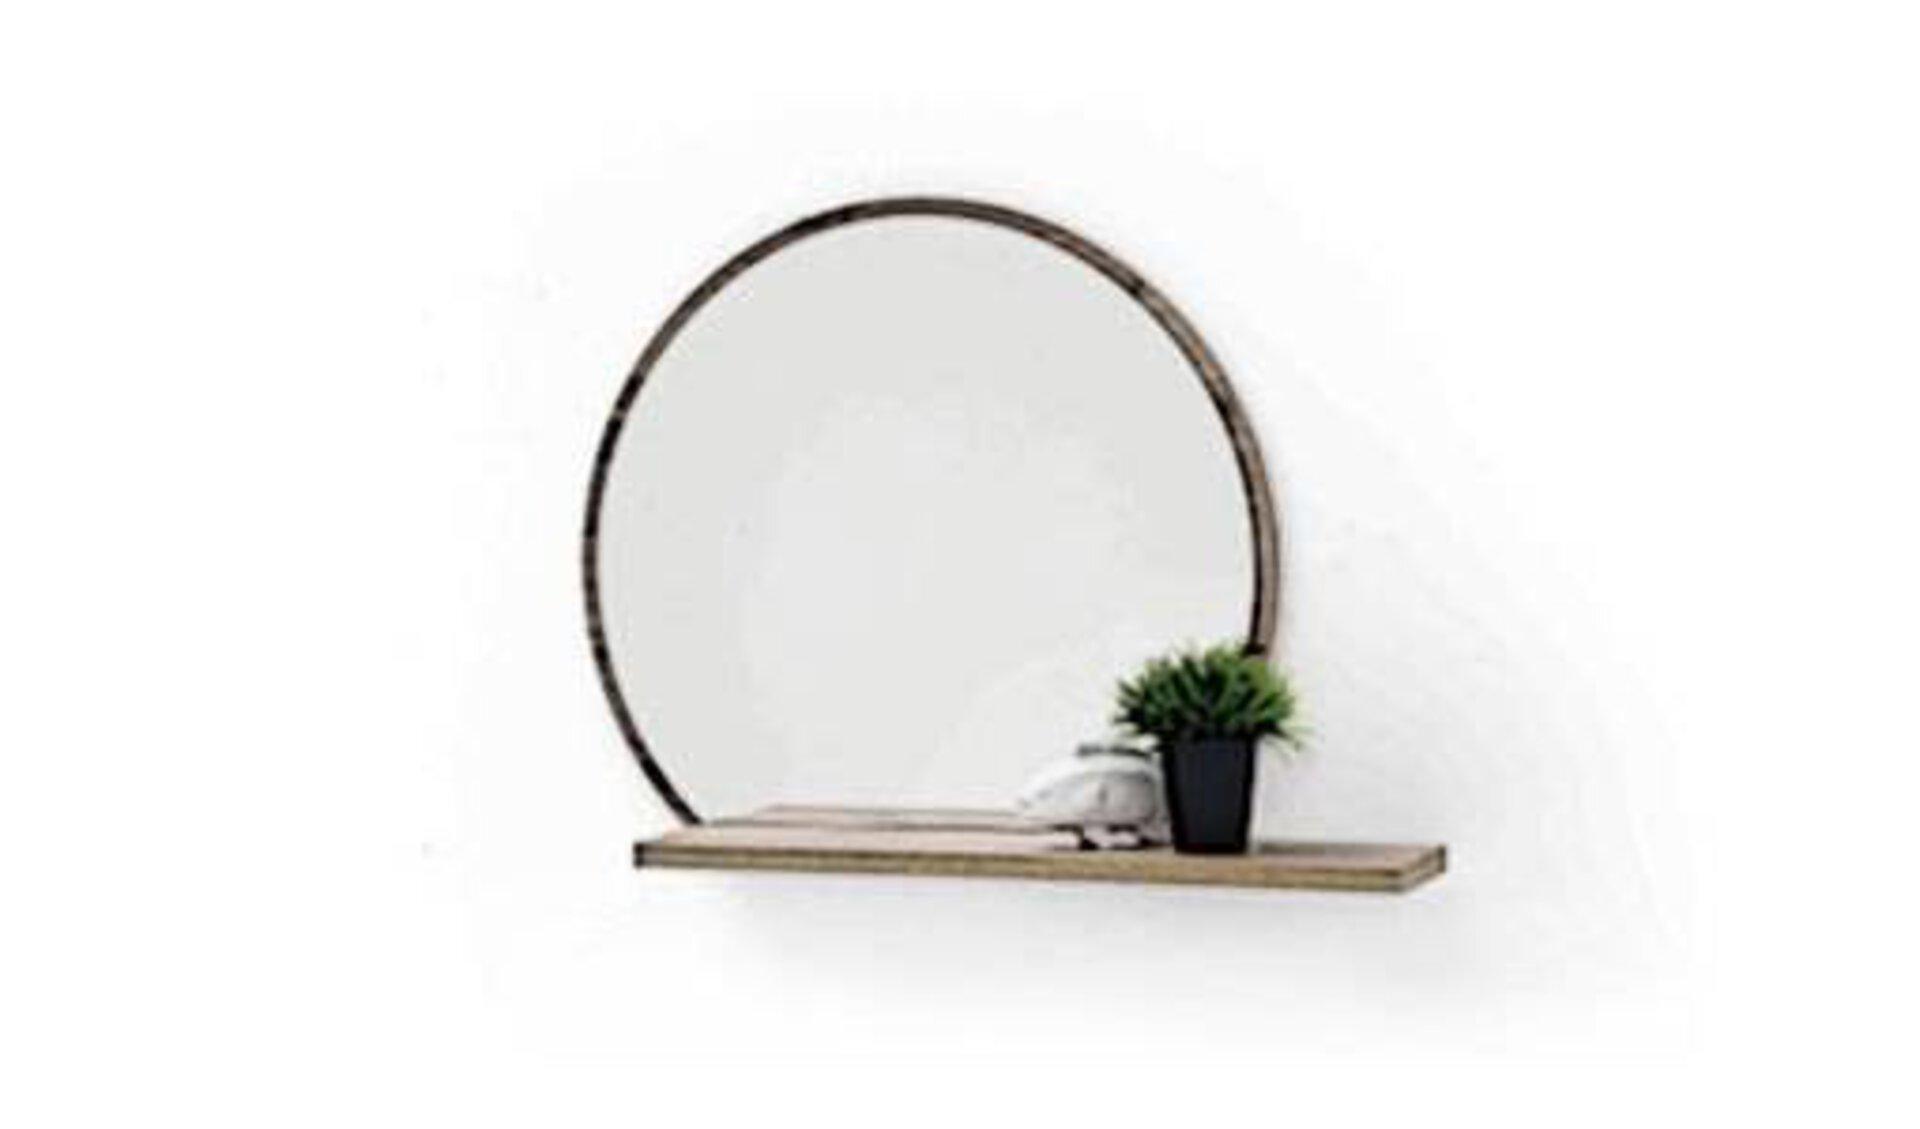 """Garderobenspiegel als Icon für alle Spiegel innerhalb """"Flur und Garderoben"""". Hier abgebildet ist ein runder Spiegel mit dezentem Holzrahmen und fest verbundenem Holzbrett unten, als Ablage für diverse Utensilien."""